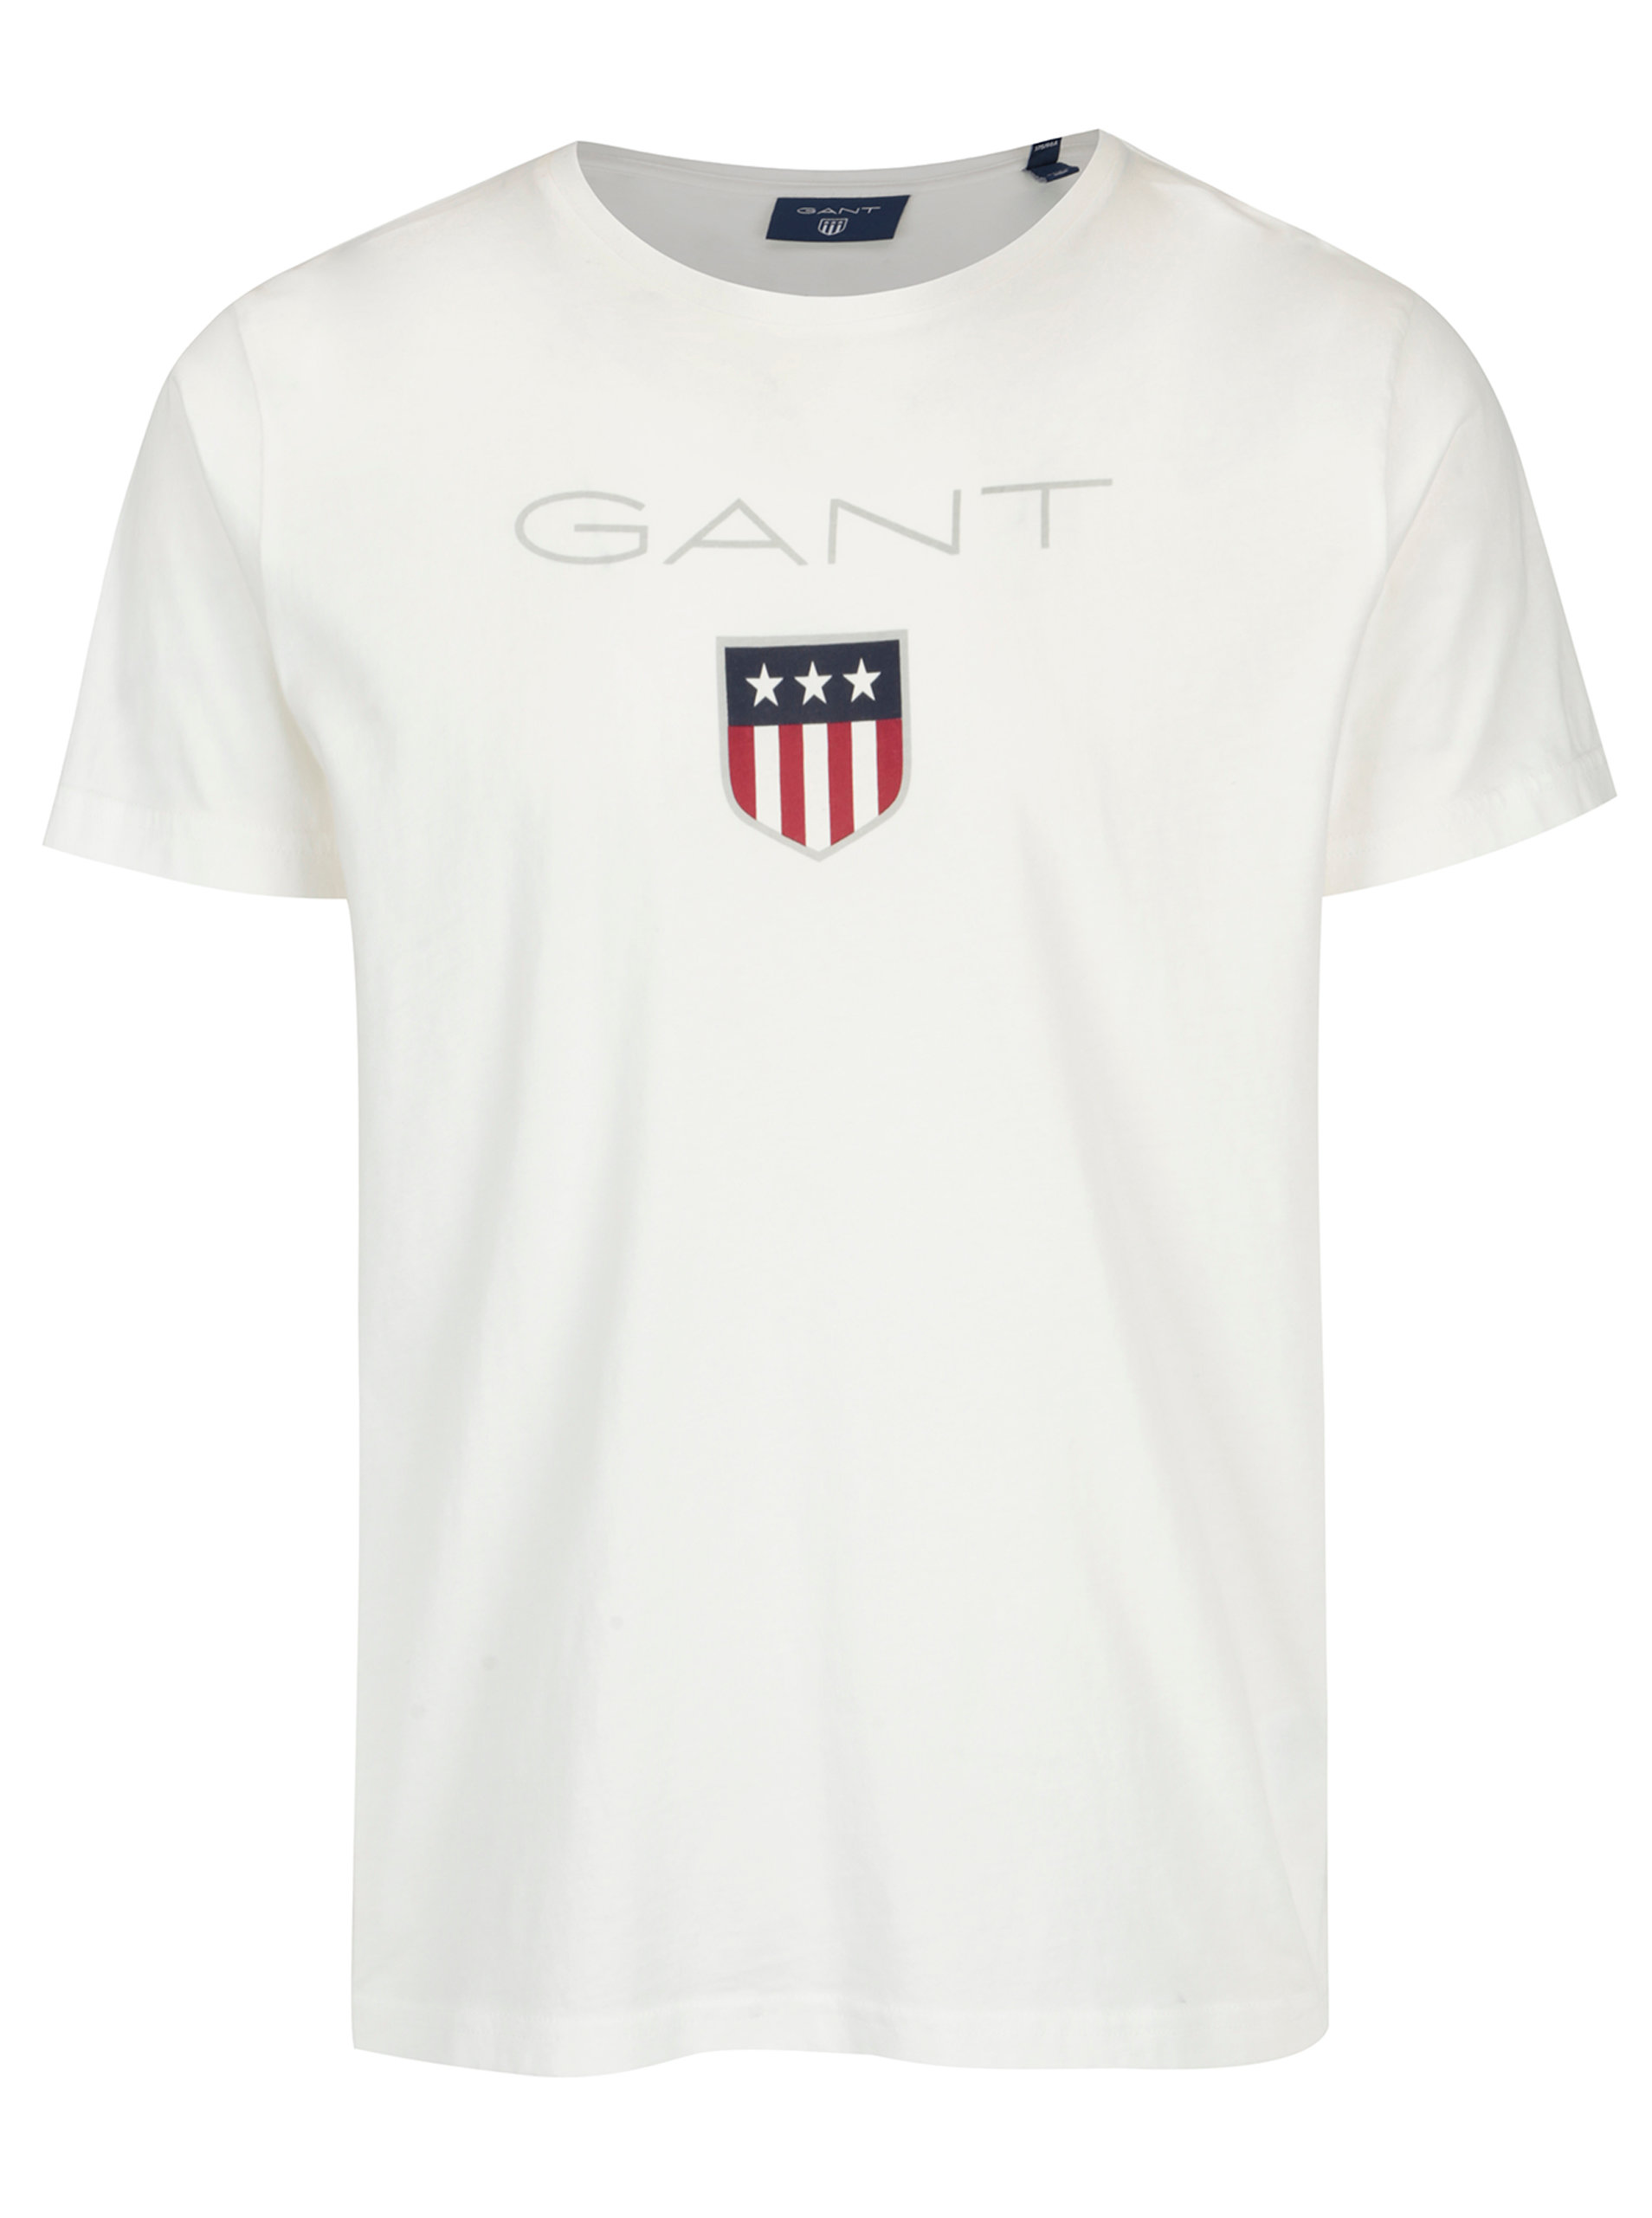 d0e322399b92 Biele pánske tričko s krátkym rukávom a potlačou loga GANT ...